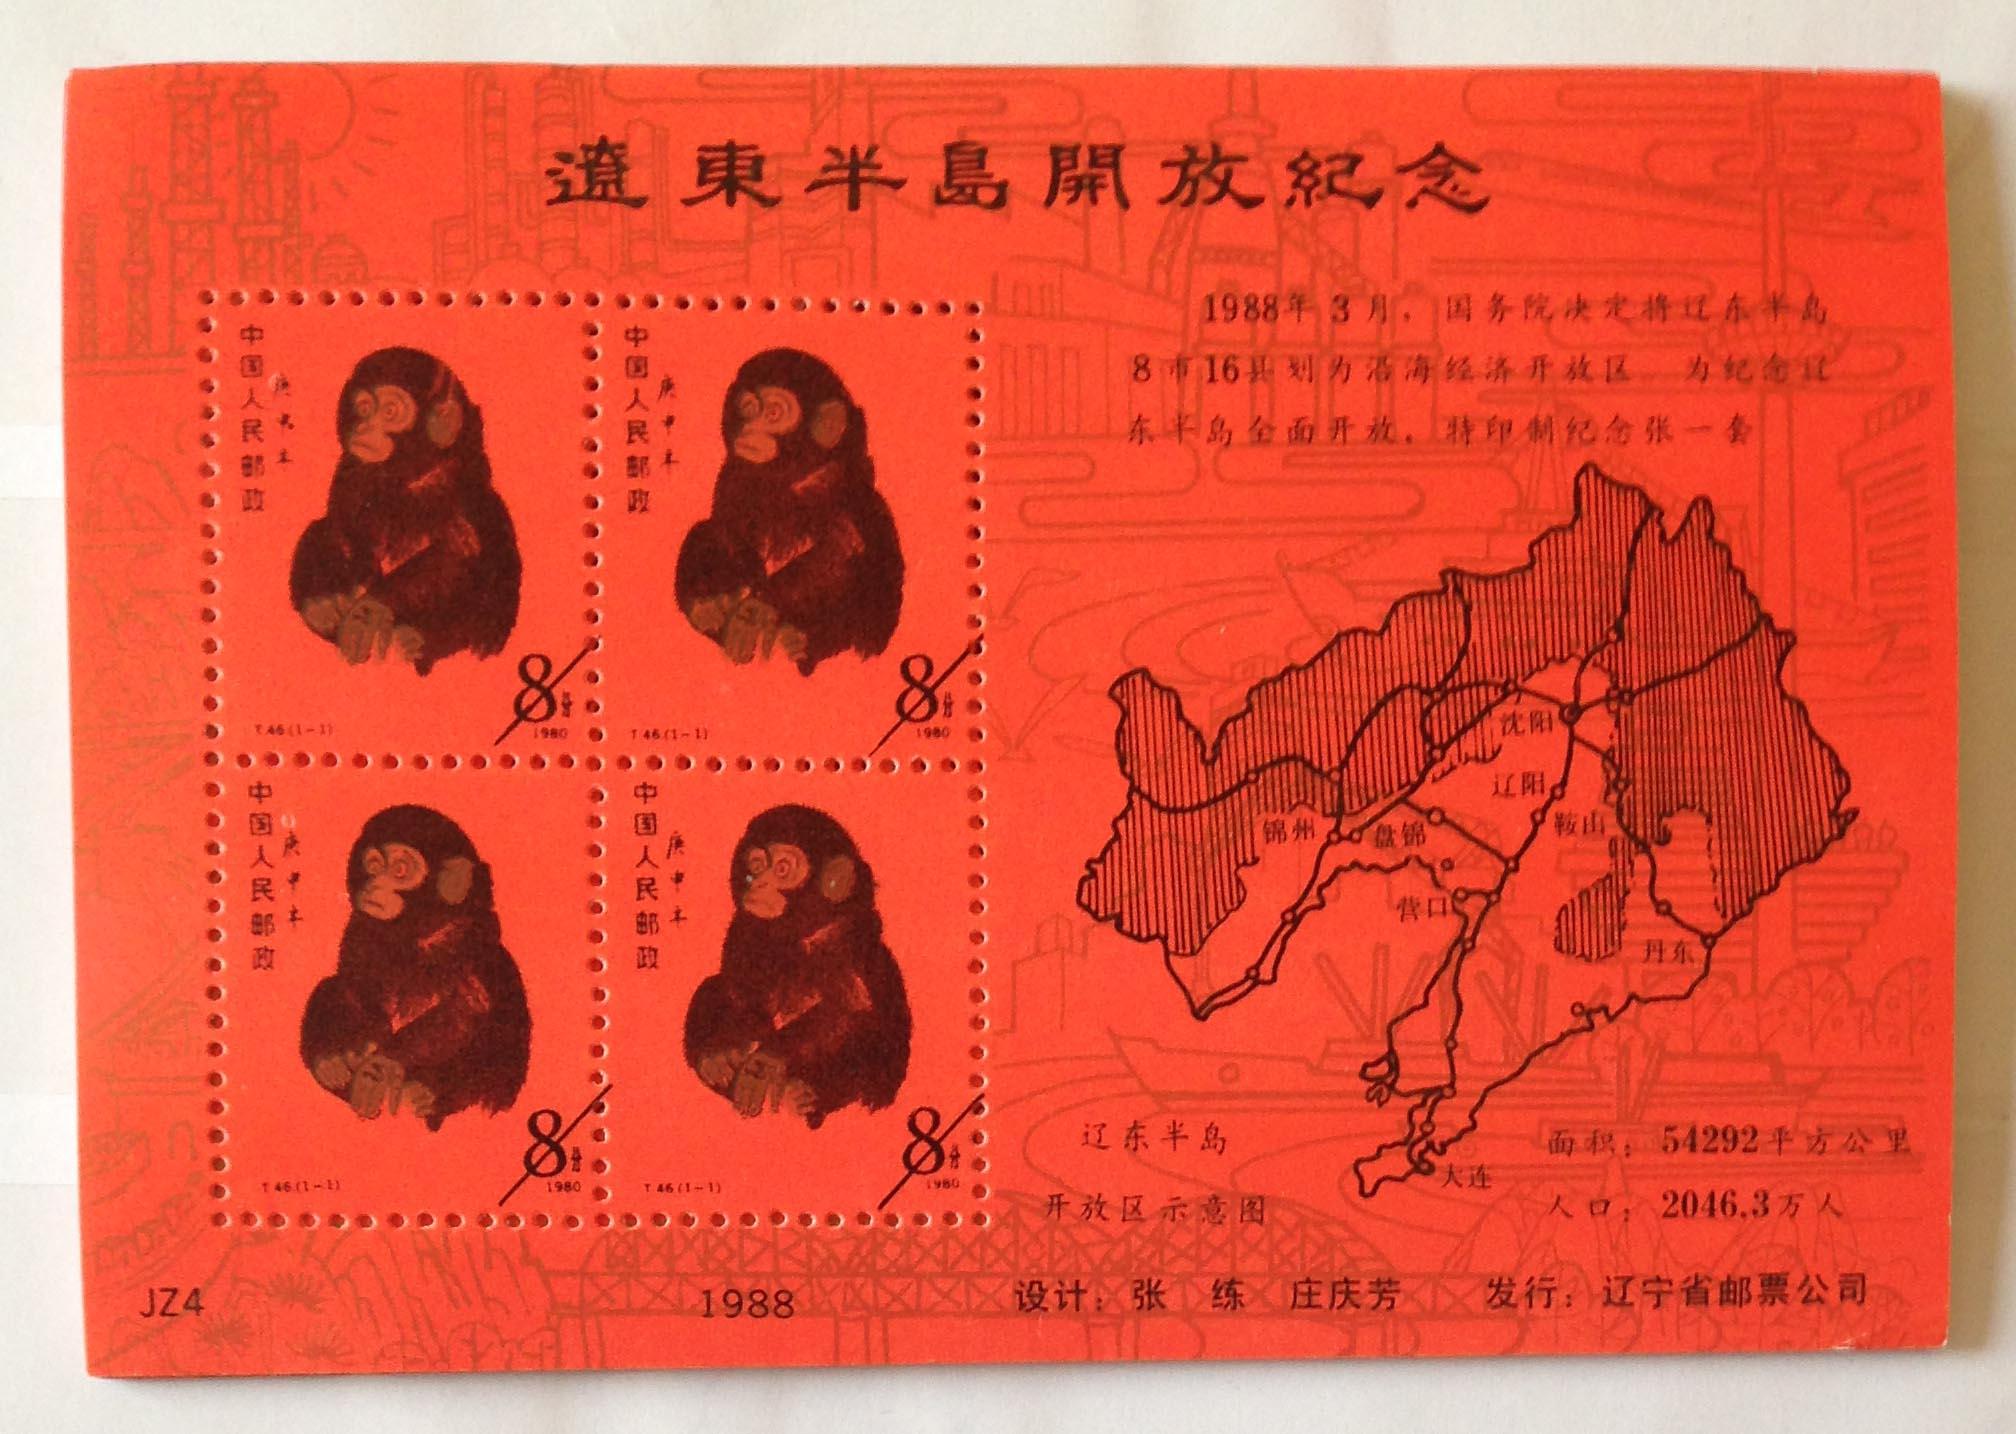 [辽东半岛开放纪念张 邮票四方连 猴票 15元] бесплатная доставка по китаю